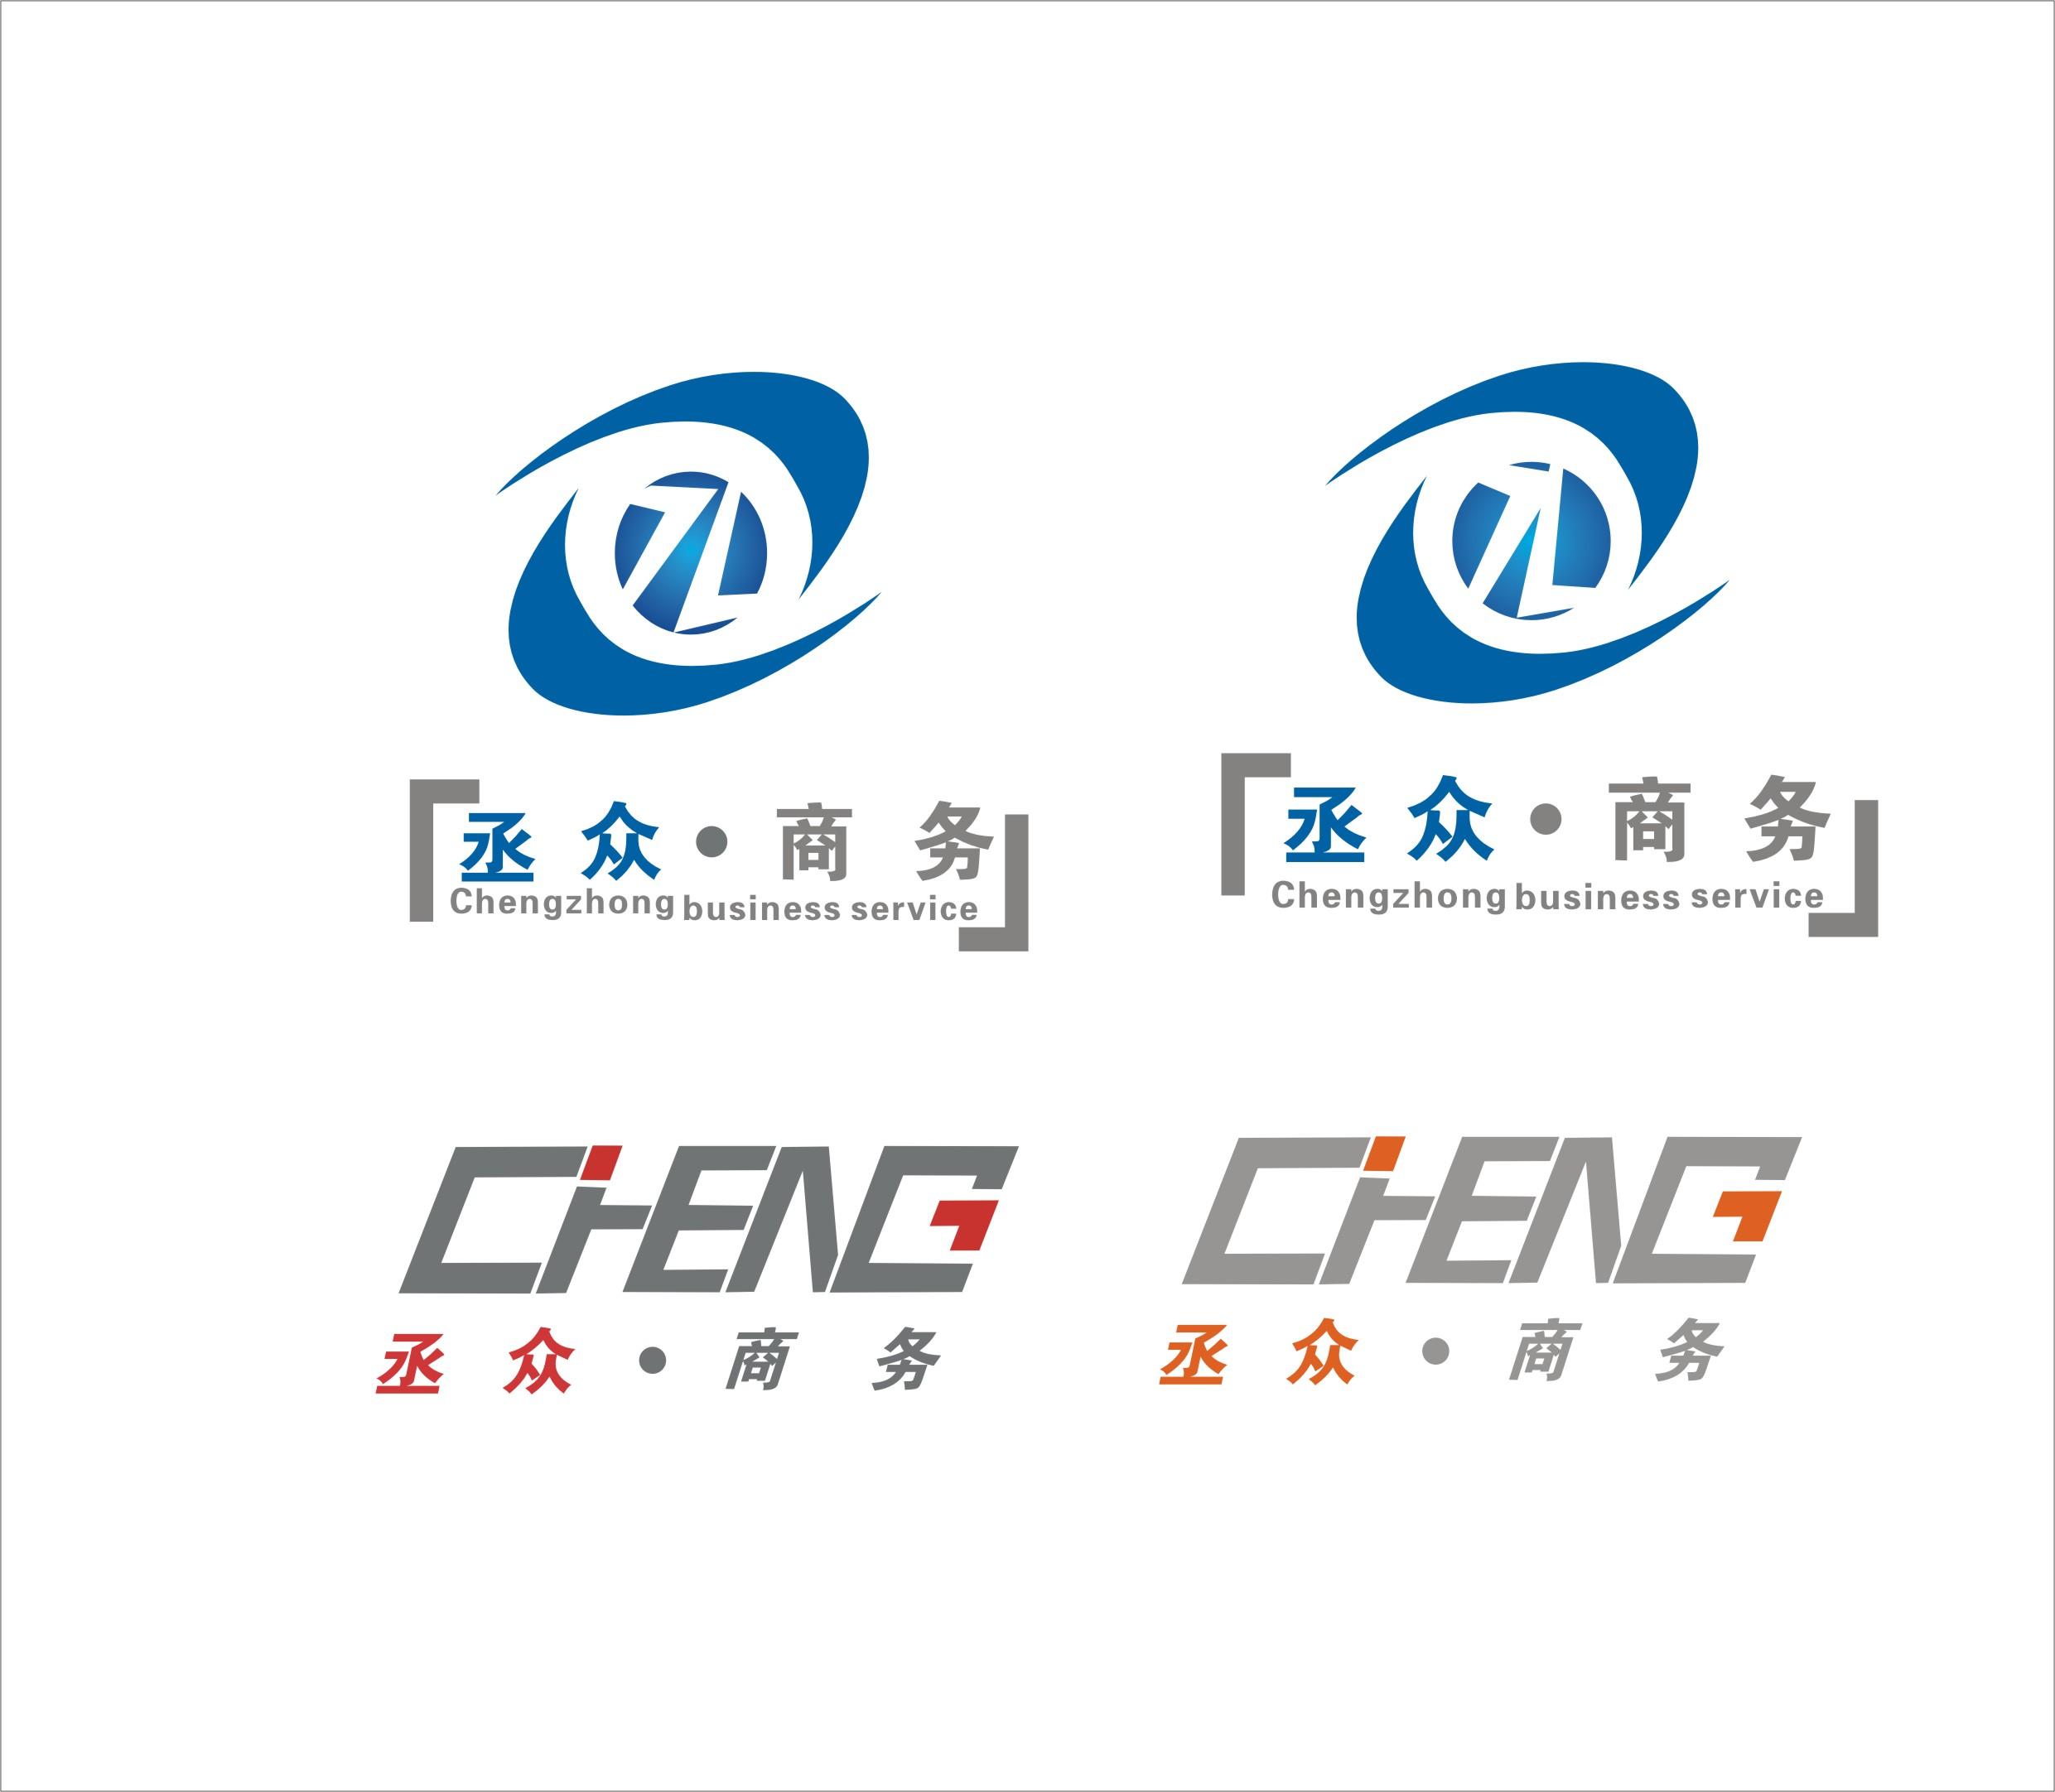 创好广告杭州企业vi设计图片